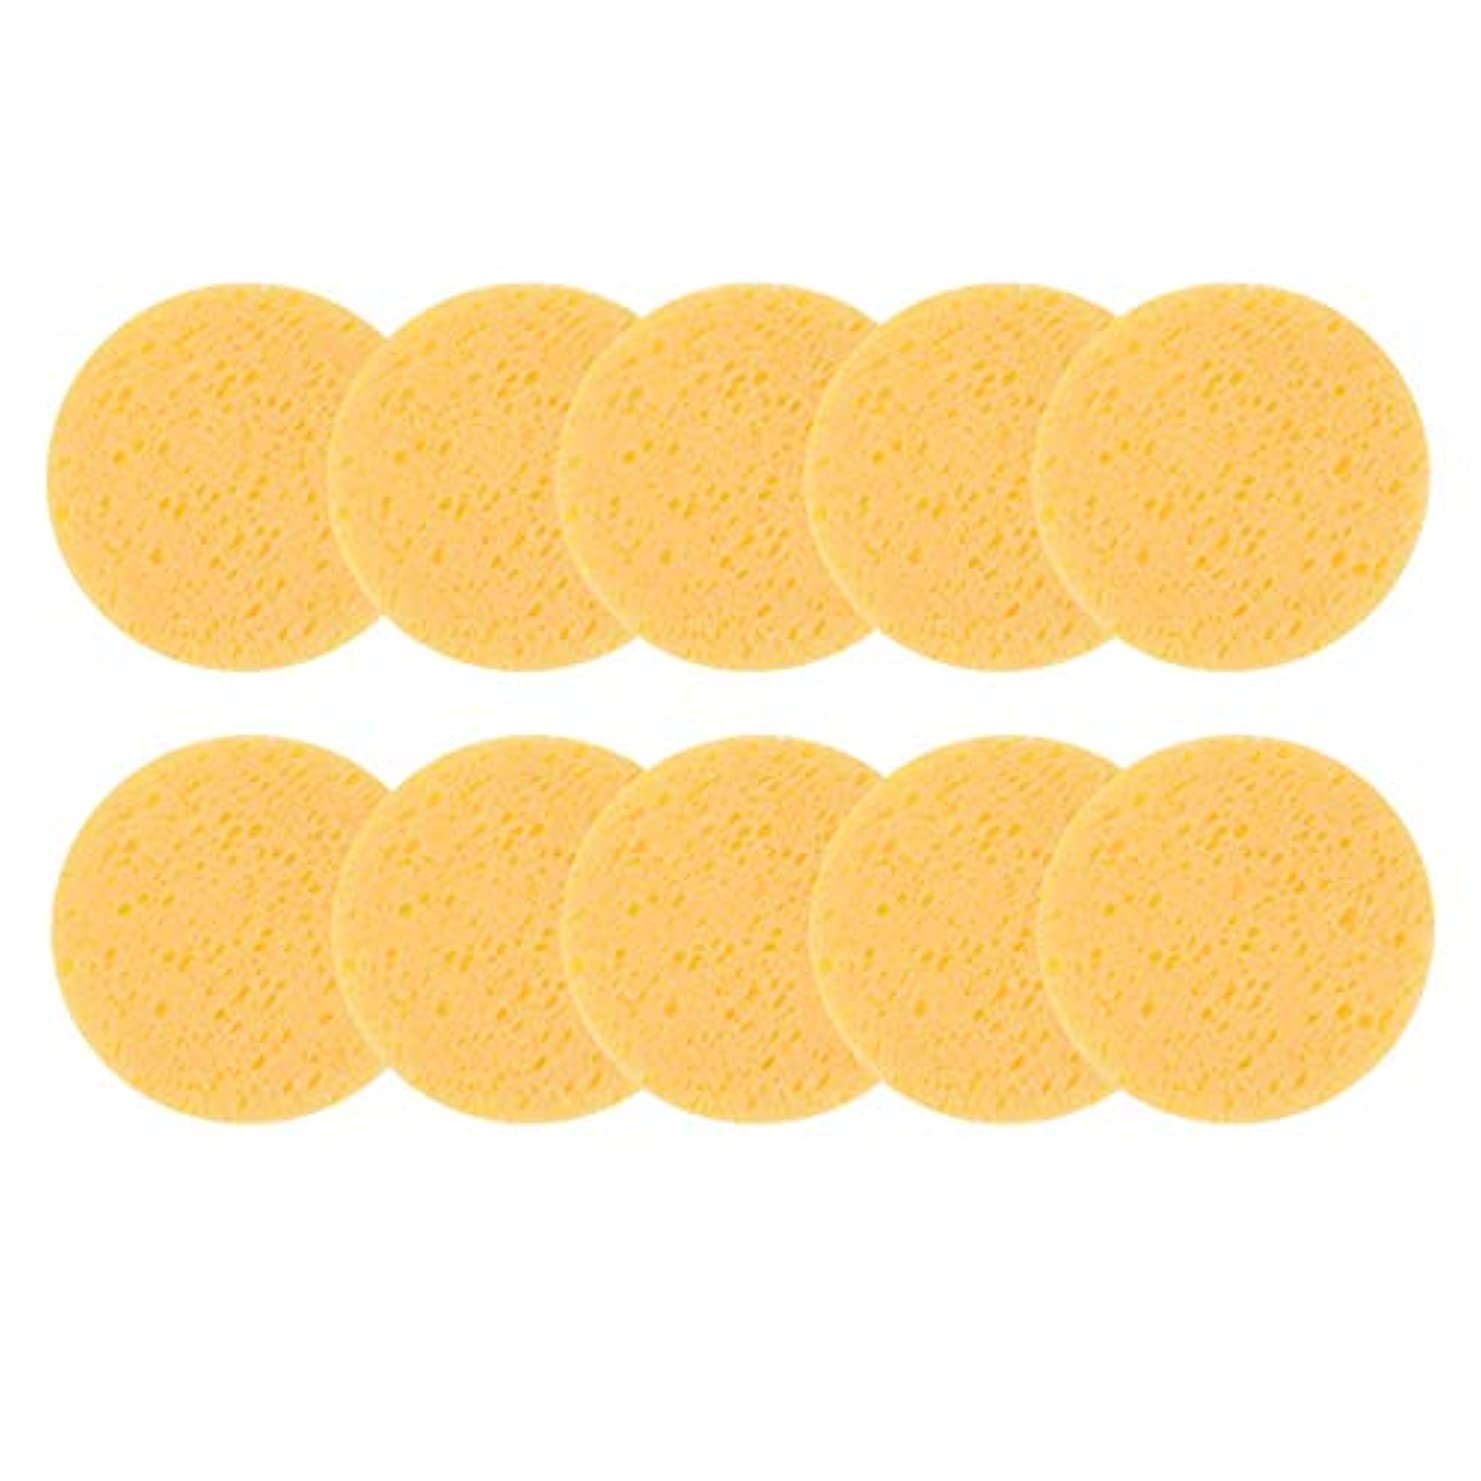 ロッカーボイドアリーナFrcolor フェイシャルスポンジ クレンジングシート メイク落とし 柔らかい 天然 美肌 角質 皮脂 除去 洗顔 拭き取り用 スポンジ 10個セット(黄色)